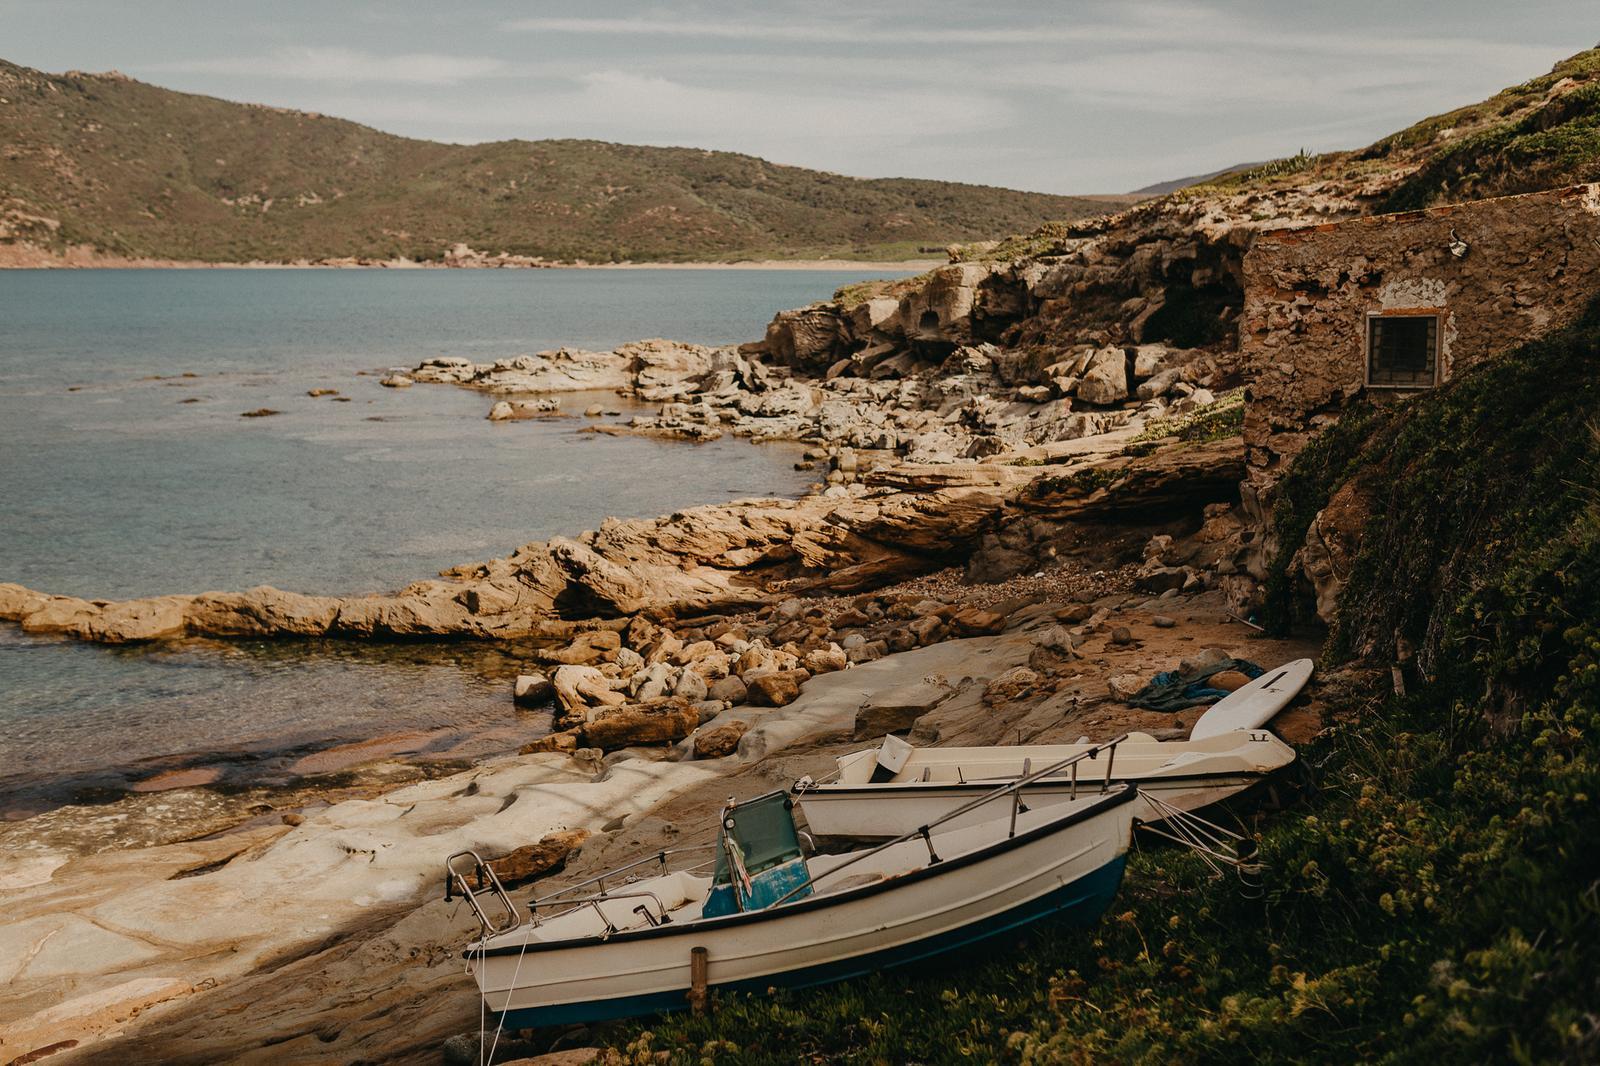 Naše svadobné fotenie na Sardínii - Obrázok č. 3